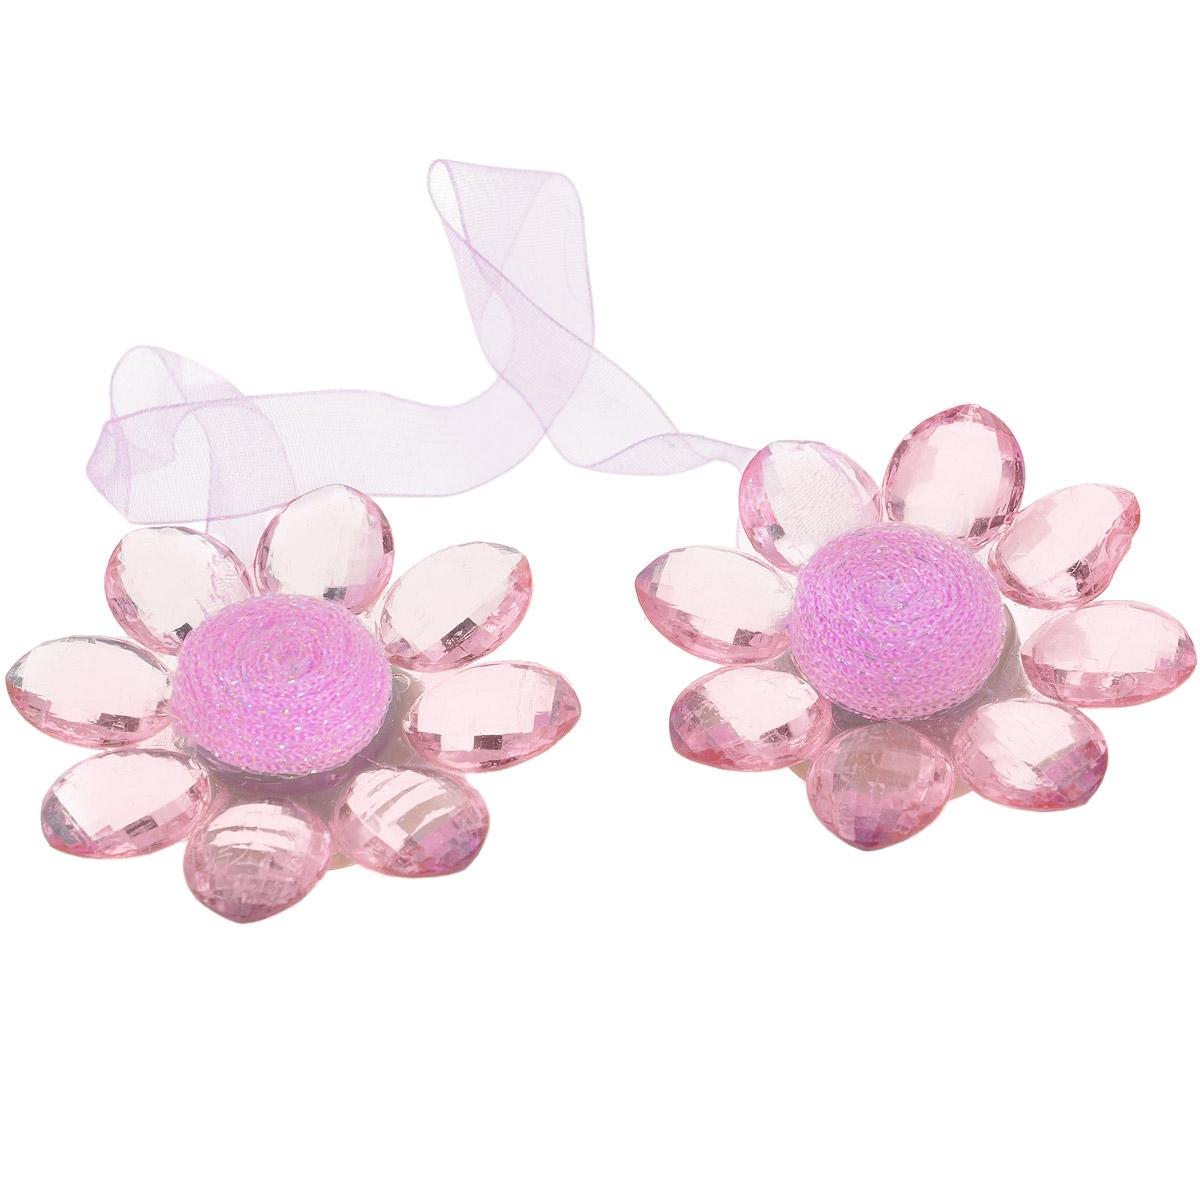 Клипса-магнит для штор Calamita Fiore, цвет: светло-розовый. 7704016_5497704016_549Клипса-магнит Calamita Fiore, изготовленная из пластика и текстиля, предназначена для придания формы шторам. Изделие представляет собой два магнита, расположенные на разных концах текстильной ленты. Магниты оформлены декоративными цветками. С помощью такой магнитной клипсы можно зафиксировать портьеры, придать им требуемое положение, сделать складки симметричными или приблизить портьеры, скрепить их. Клипсы для штор являются универсальным изделием, которое превосходно подойдет как для штор в детской комнате, так и для штор в гостиной. Следует отметить, что клипсы для штор выполняют не только практическую функцию, но также являются одной из основных деталей декора этого изделия, которая придает шторам восхитительный, стильный внешний вид. Материал: пластик, полиэстер, магнит.Диаметр декоративного цветка: 5,5 см.Длина ленты: 28 см.